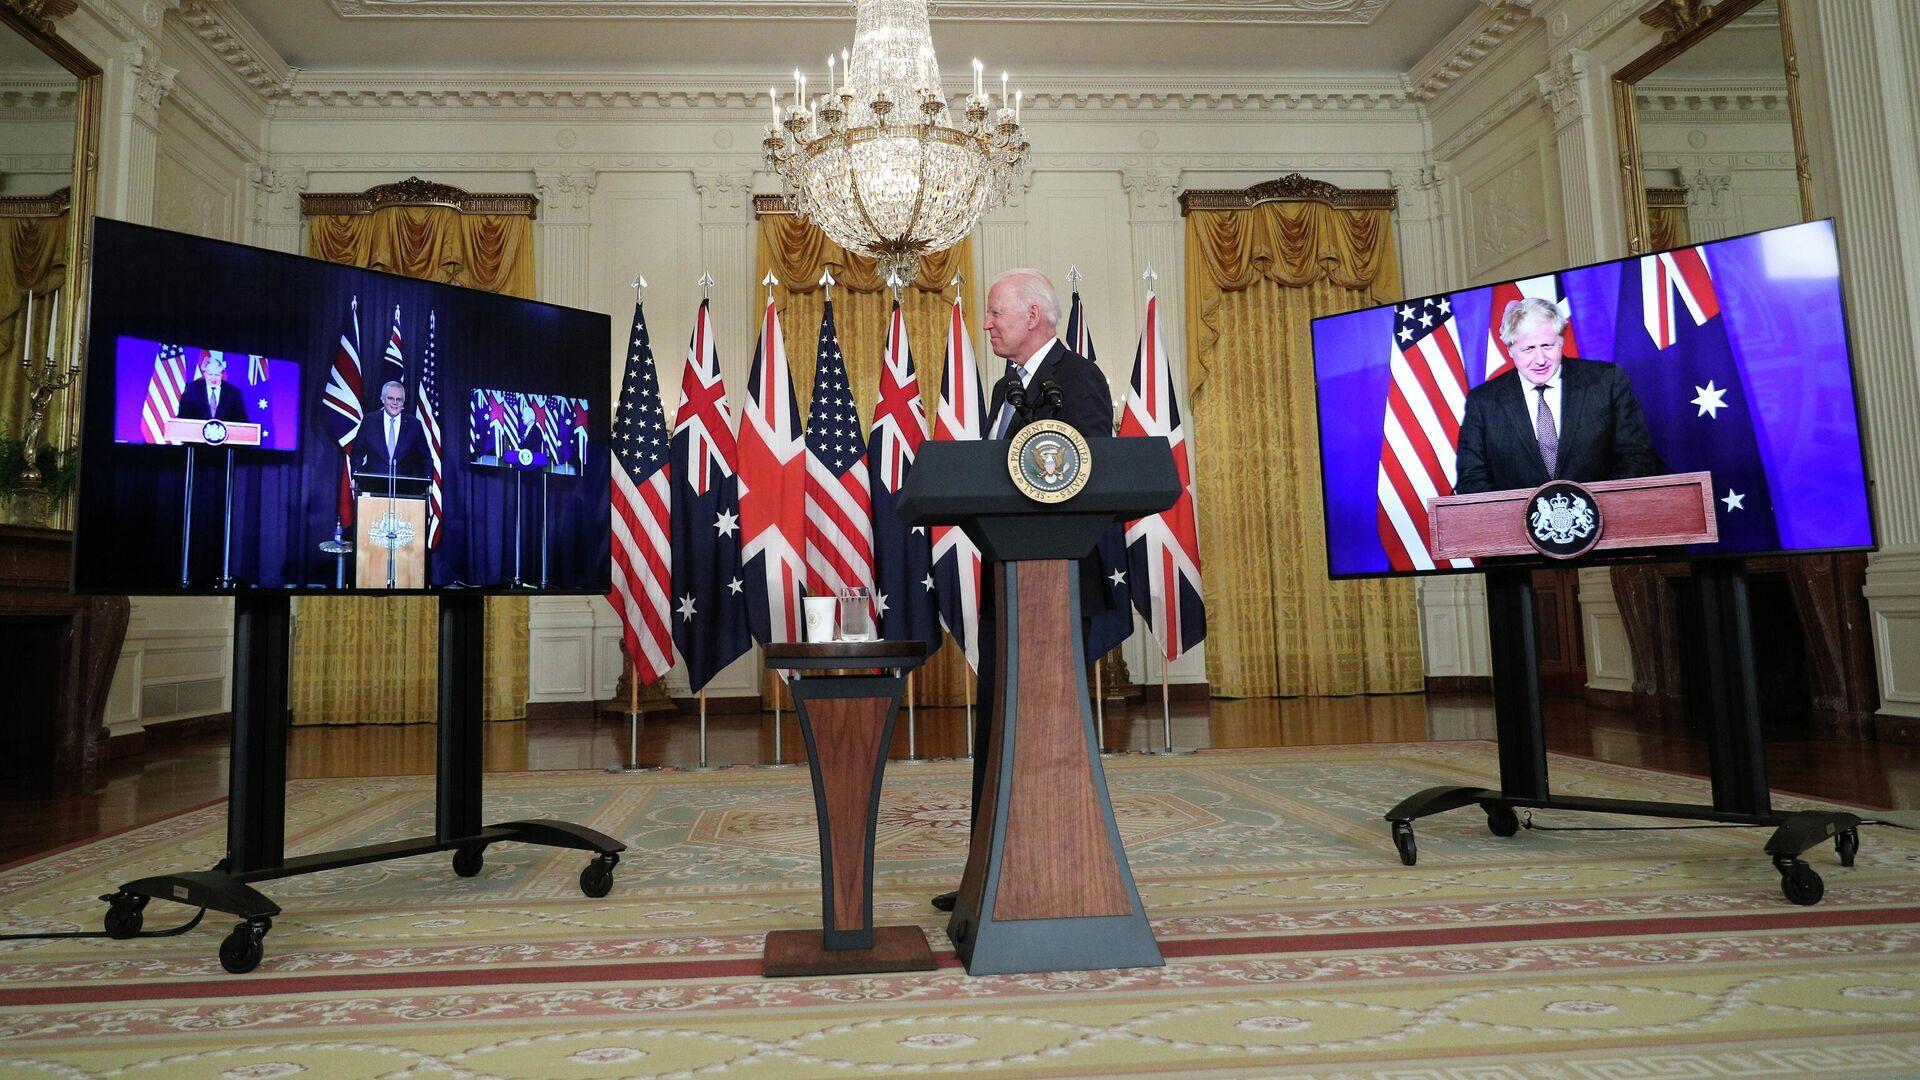 Президент США Джо Байден во время переговоров с премьер-министром Австралии Скоттом Моррисоном и премьер-министром Великобритании Борисом Джонсоном в Белом доме в Вашингтоне - РИА Новости, 1920, 20.09.2021